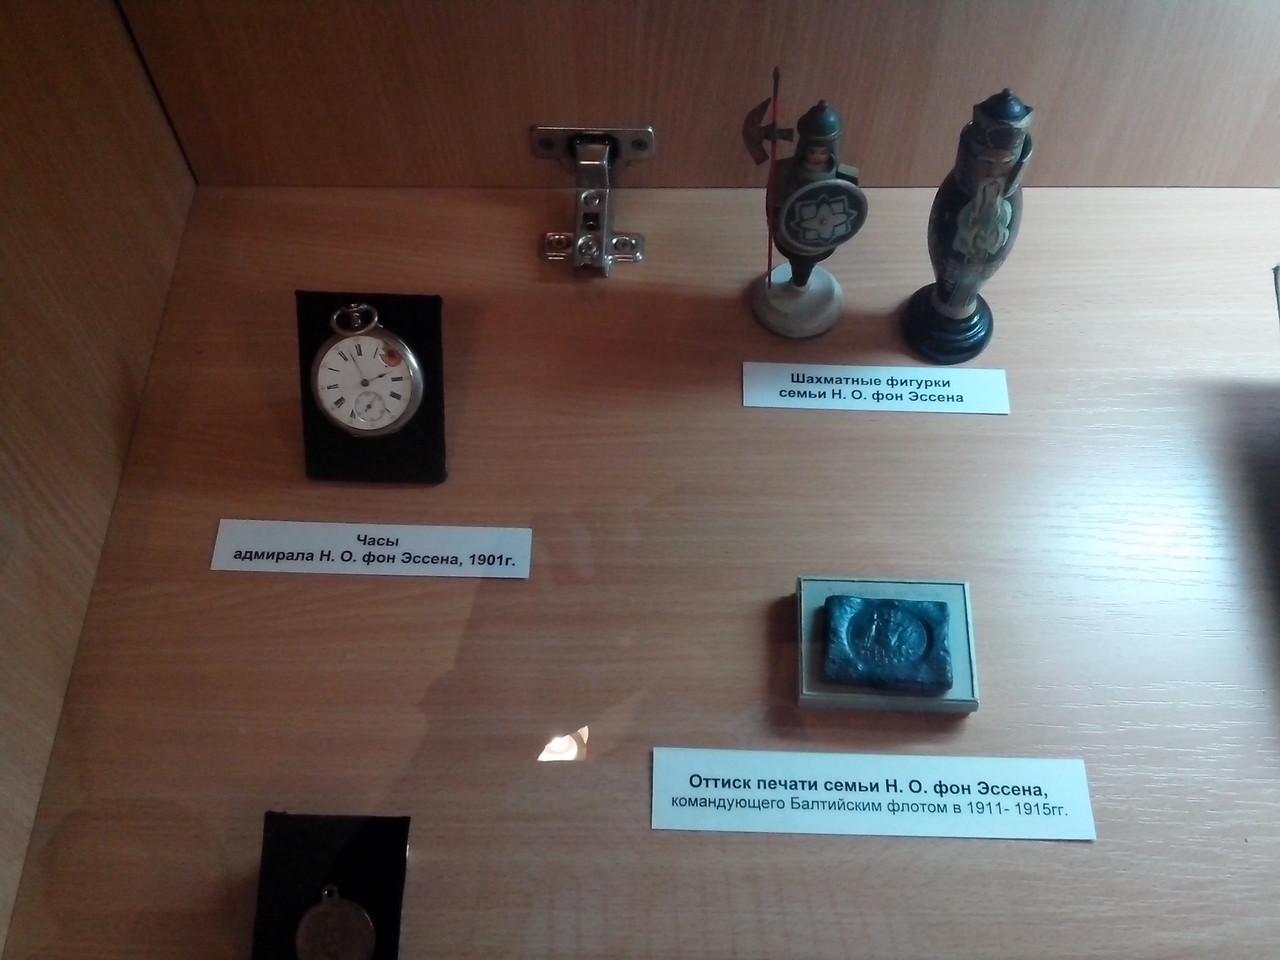 Личные вещи адмирала Н.О. фон Эссена в экспозиции Музея Балтийского флота